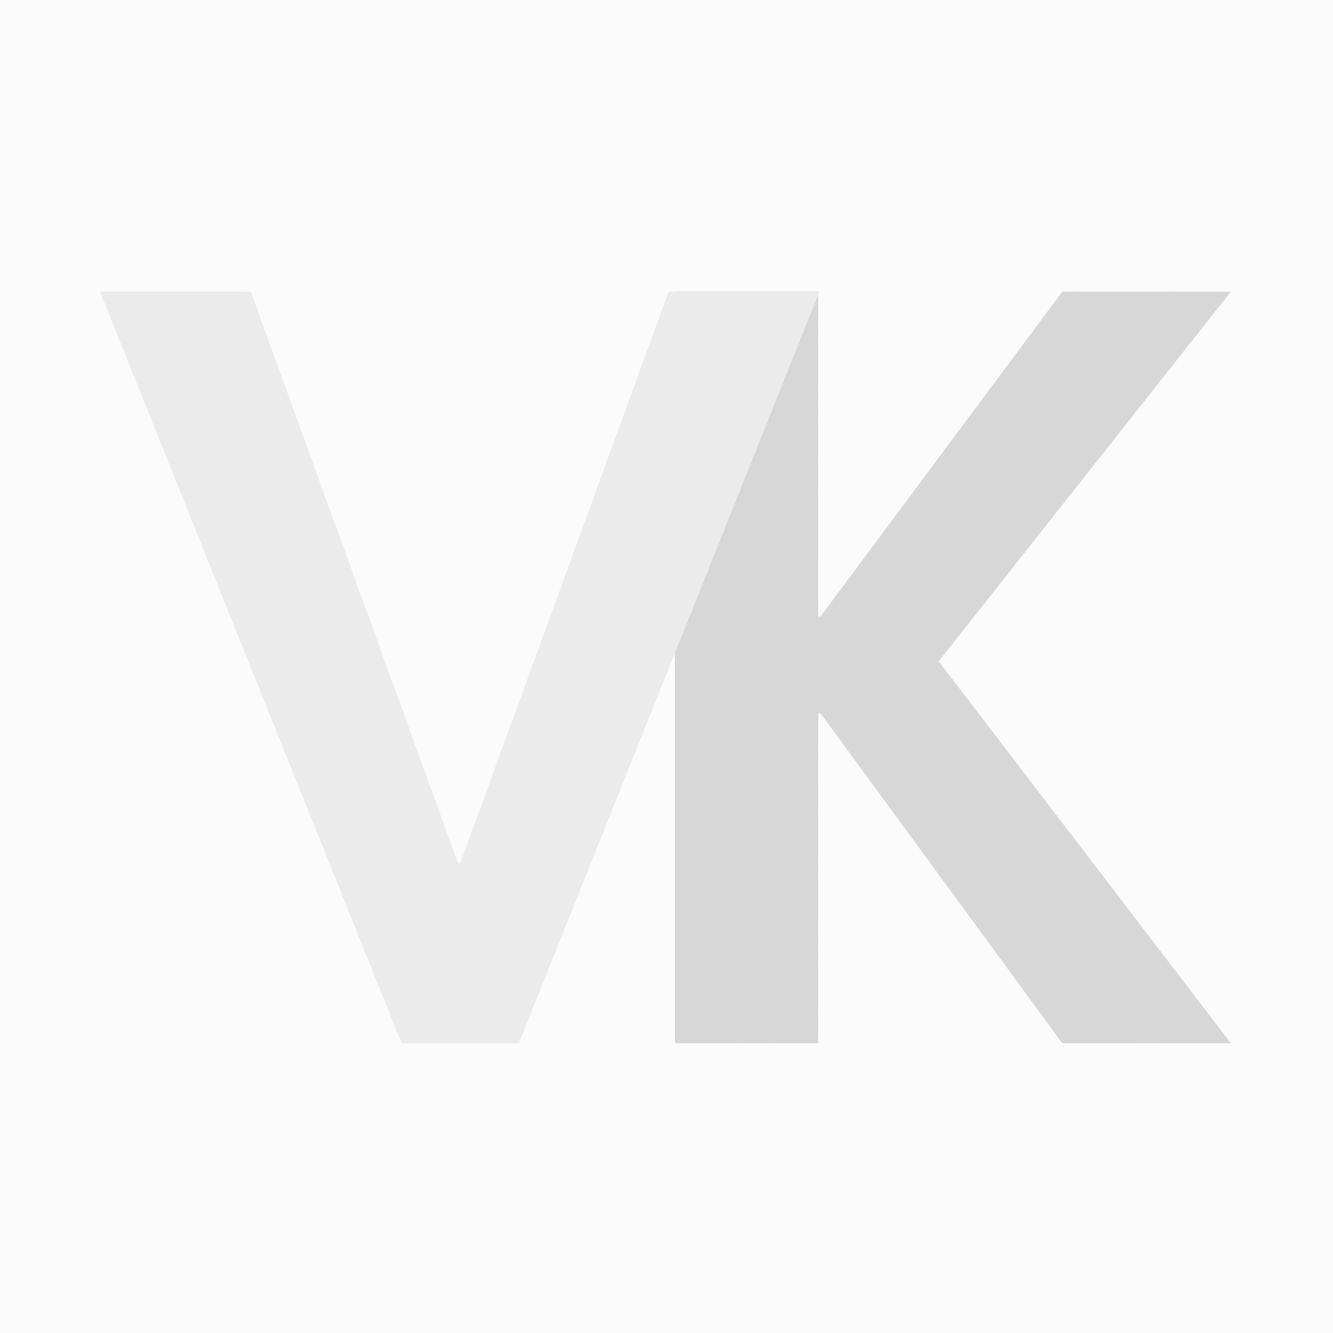 Krulborstel Cera Hotstyler 38mm